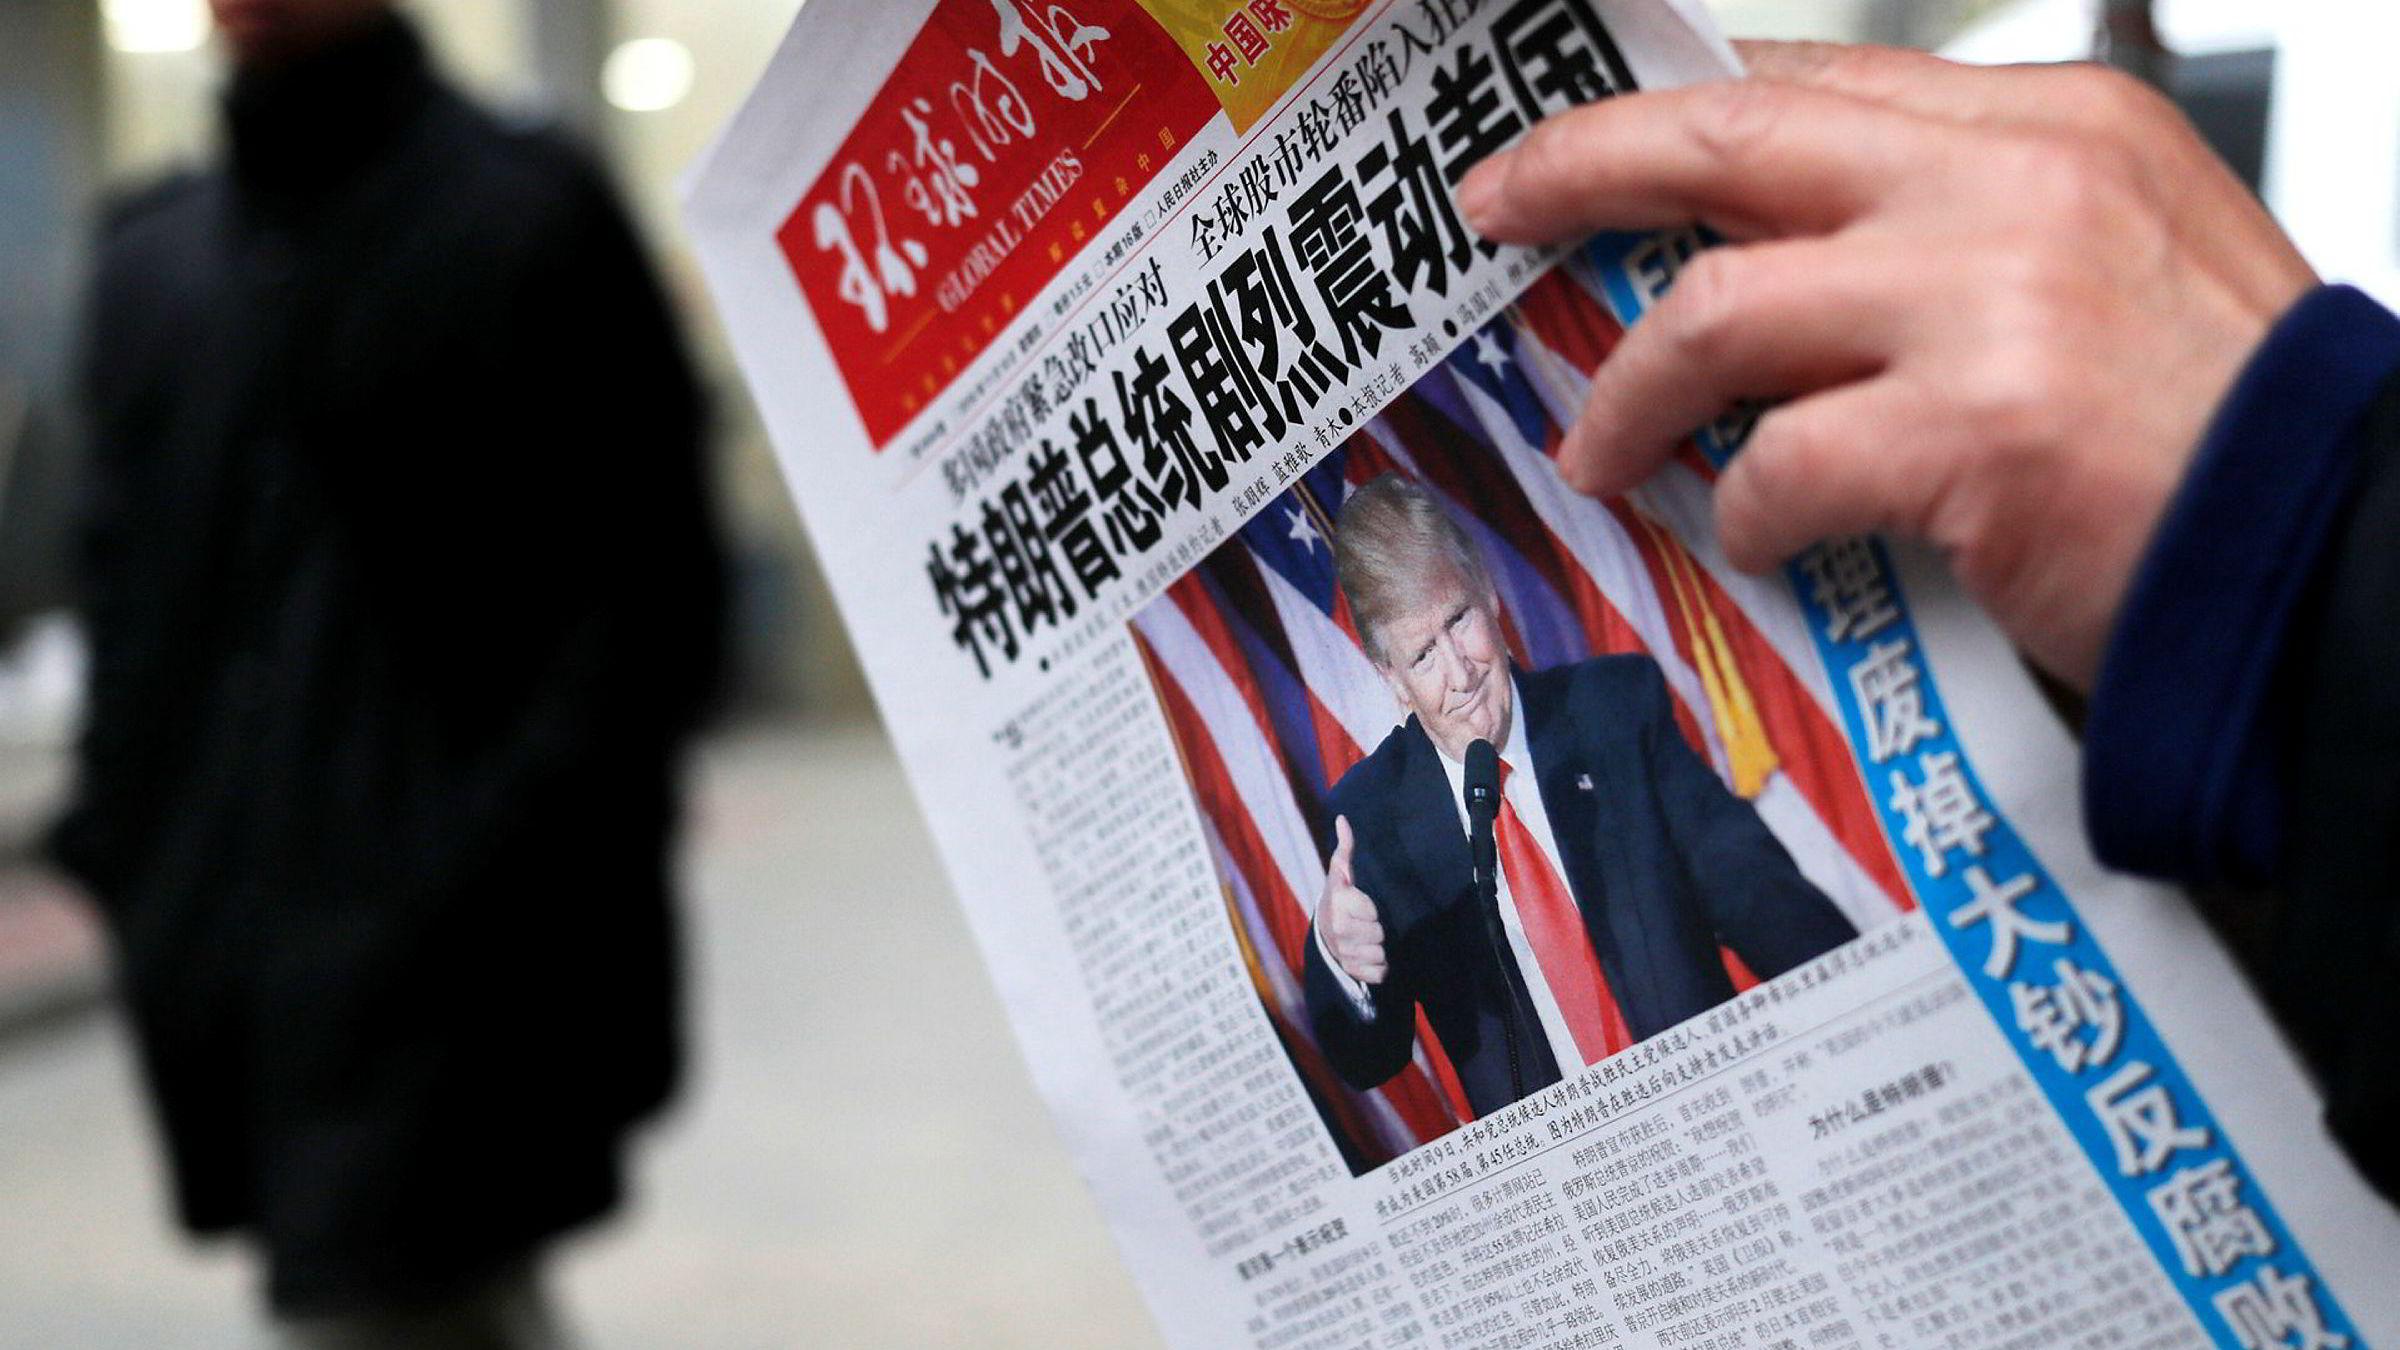 En undersøkelse fra 2014 viste at folk hadde størst tillit til mediene i land som Kina og De forente arabiske emirater der pressen er kontrollert av myndighetene. Her en kinesisk avisforside om Donald Trumps valgseier i november 2016.